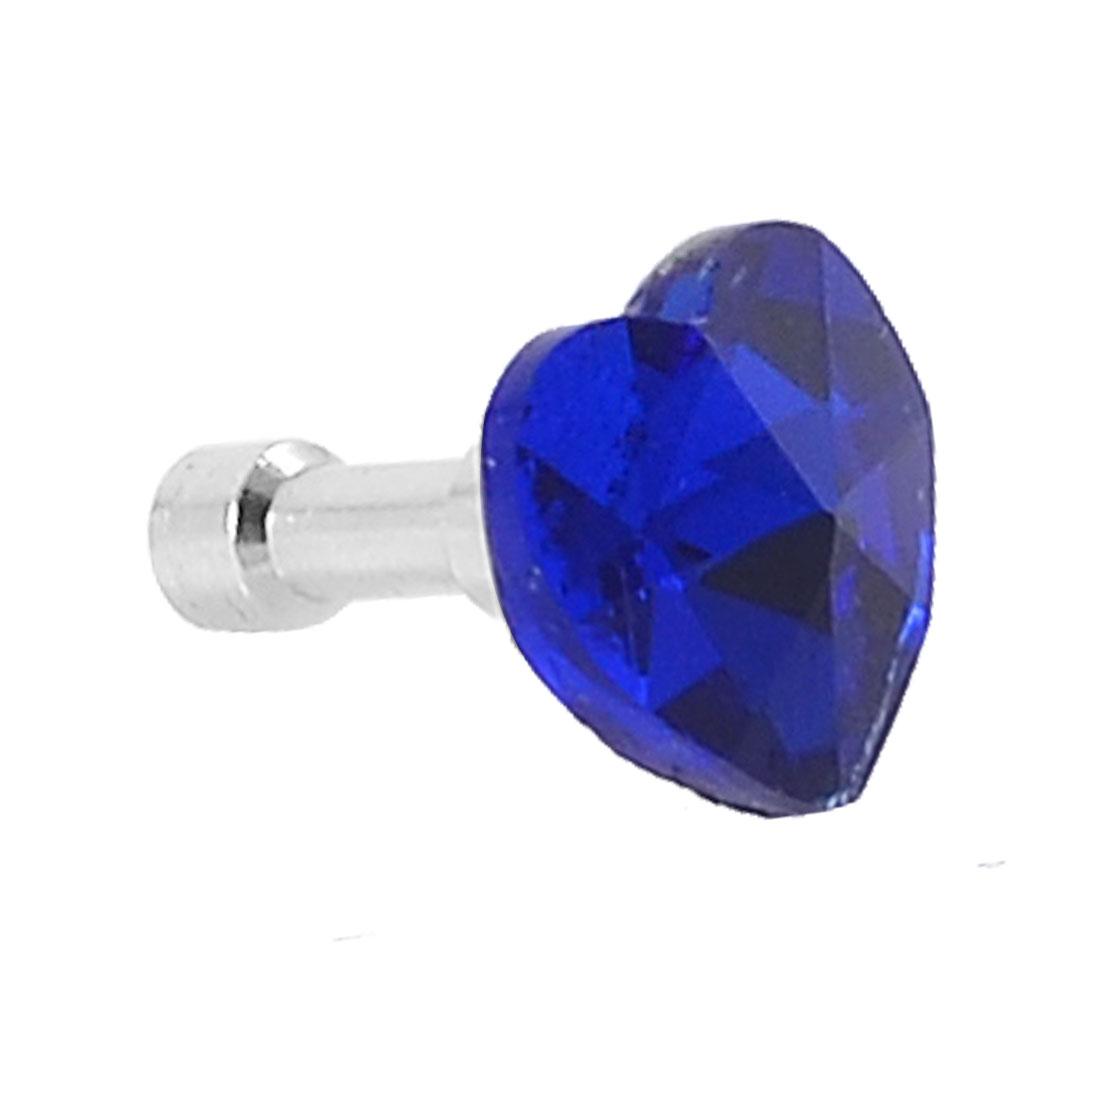 Glitter Royal Blue Heart Shape Crystal 3.5mm Ear Cap Dust Plug for MP4 Cell Phone